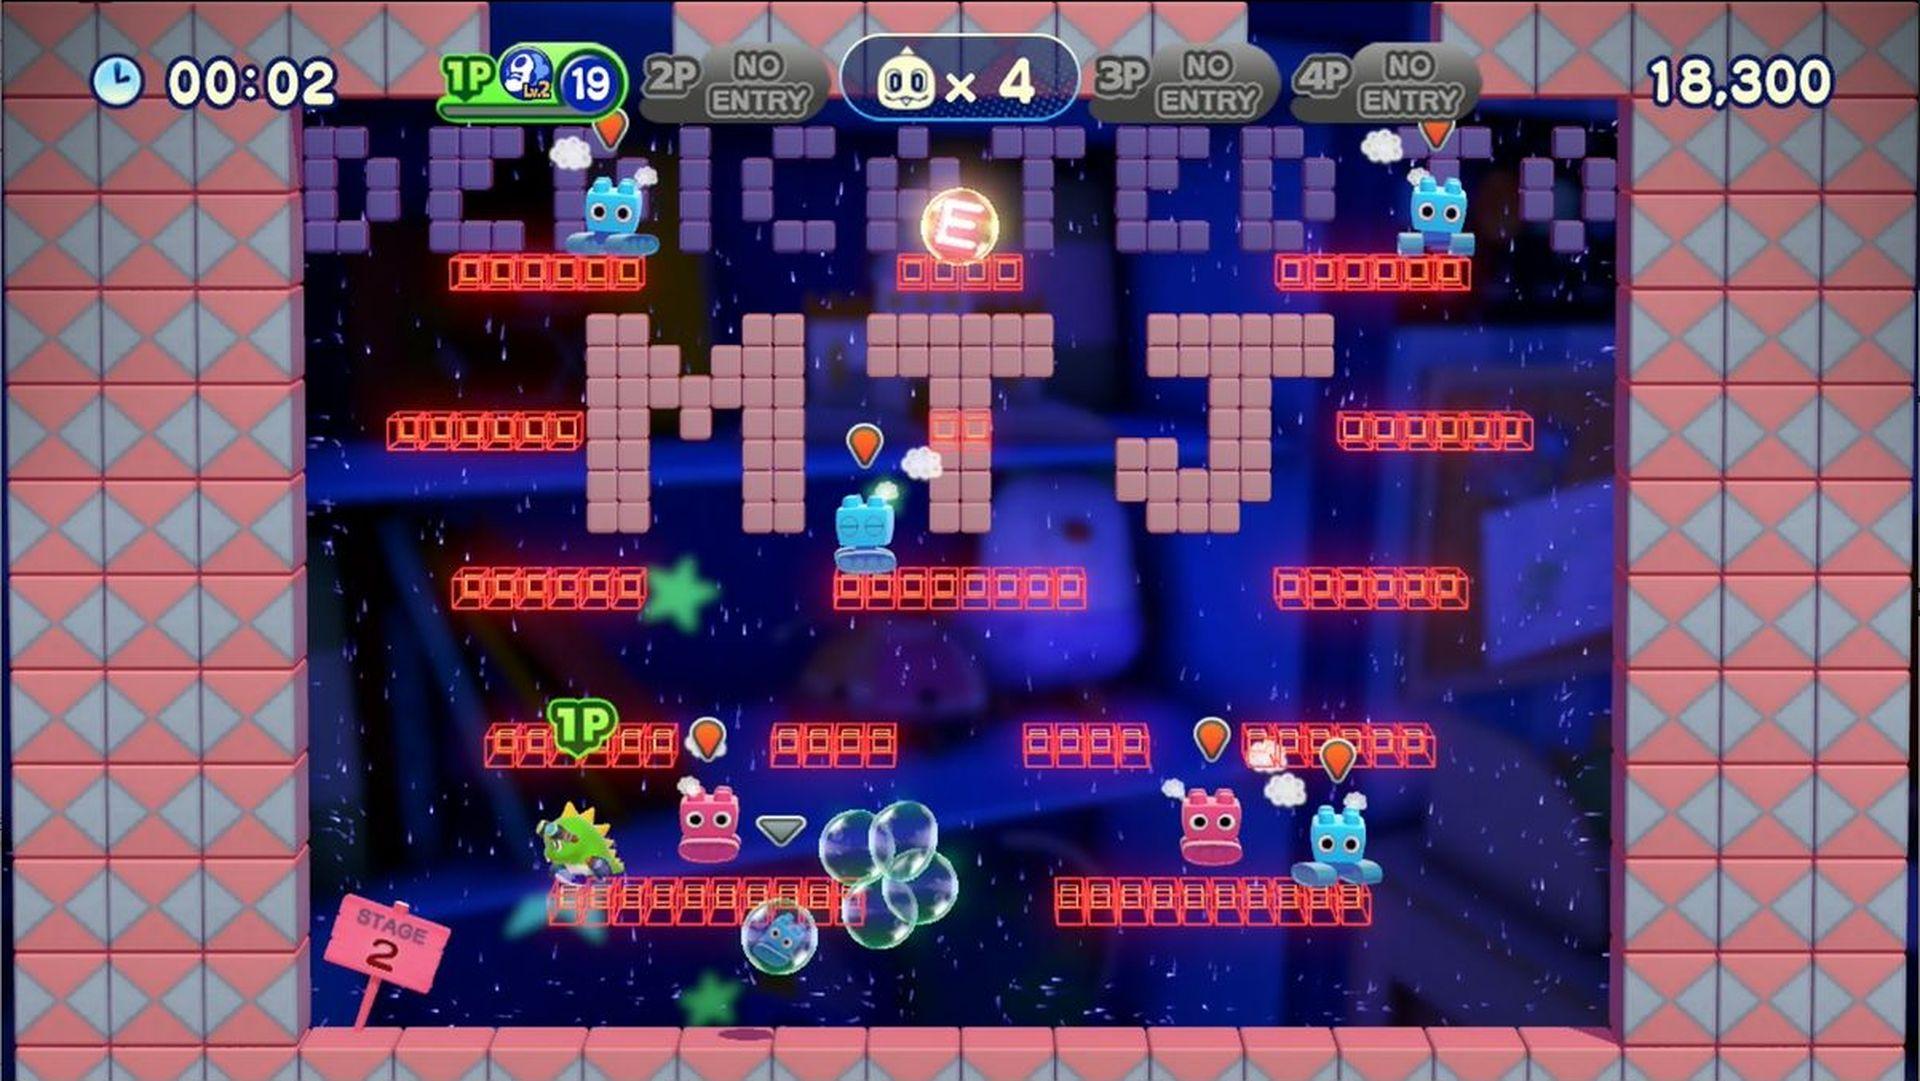 「ハードモード」のステージは敵がさらに強くなり、ステージによって地形も変わる